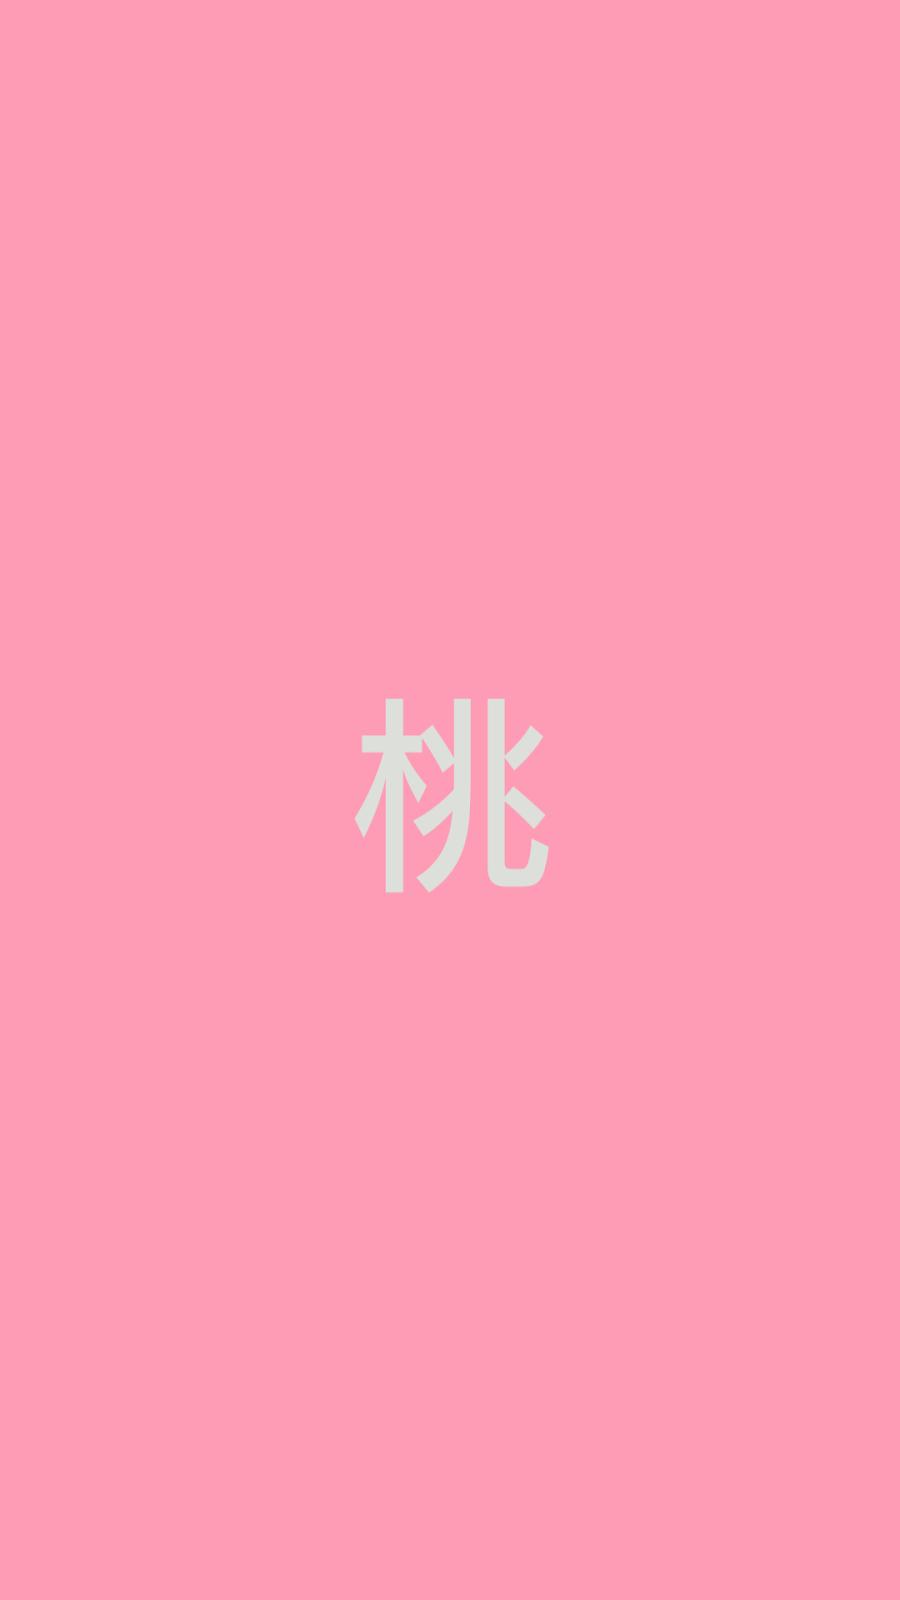 桃の縦長の長方形